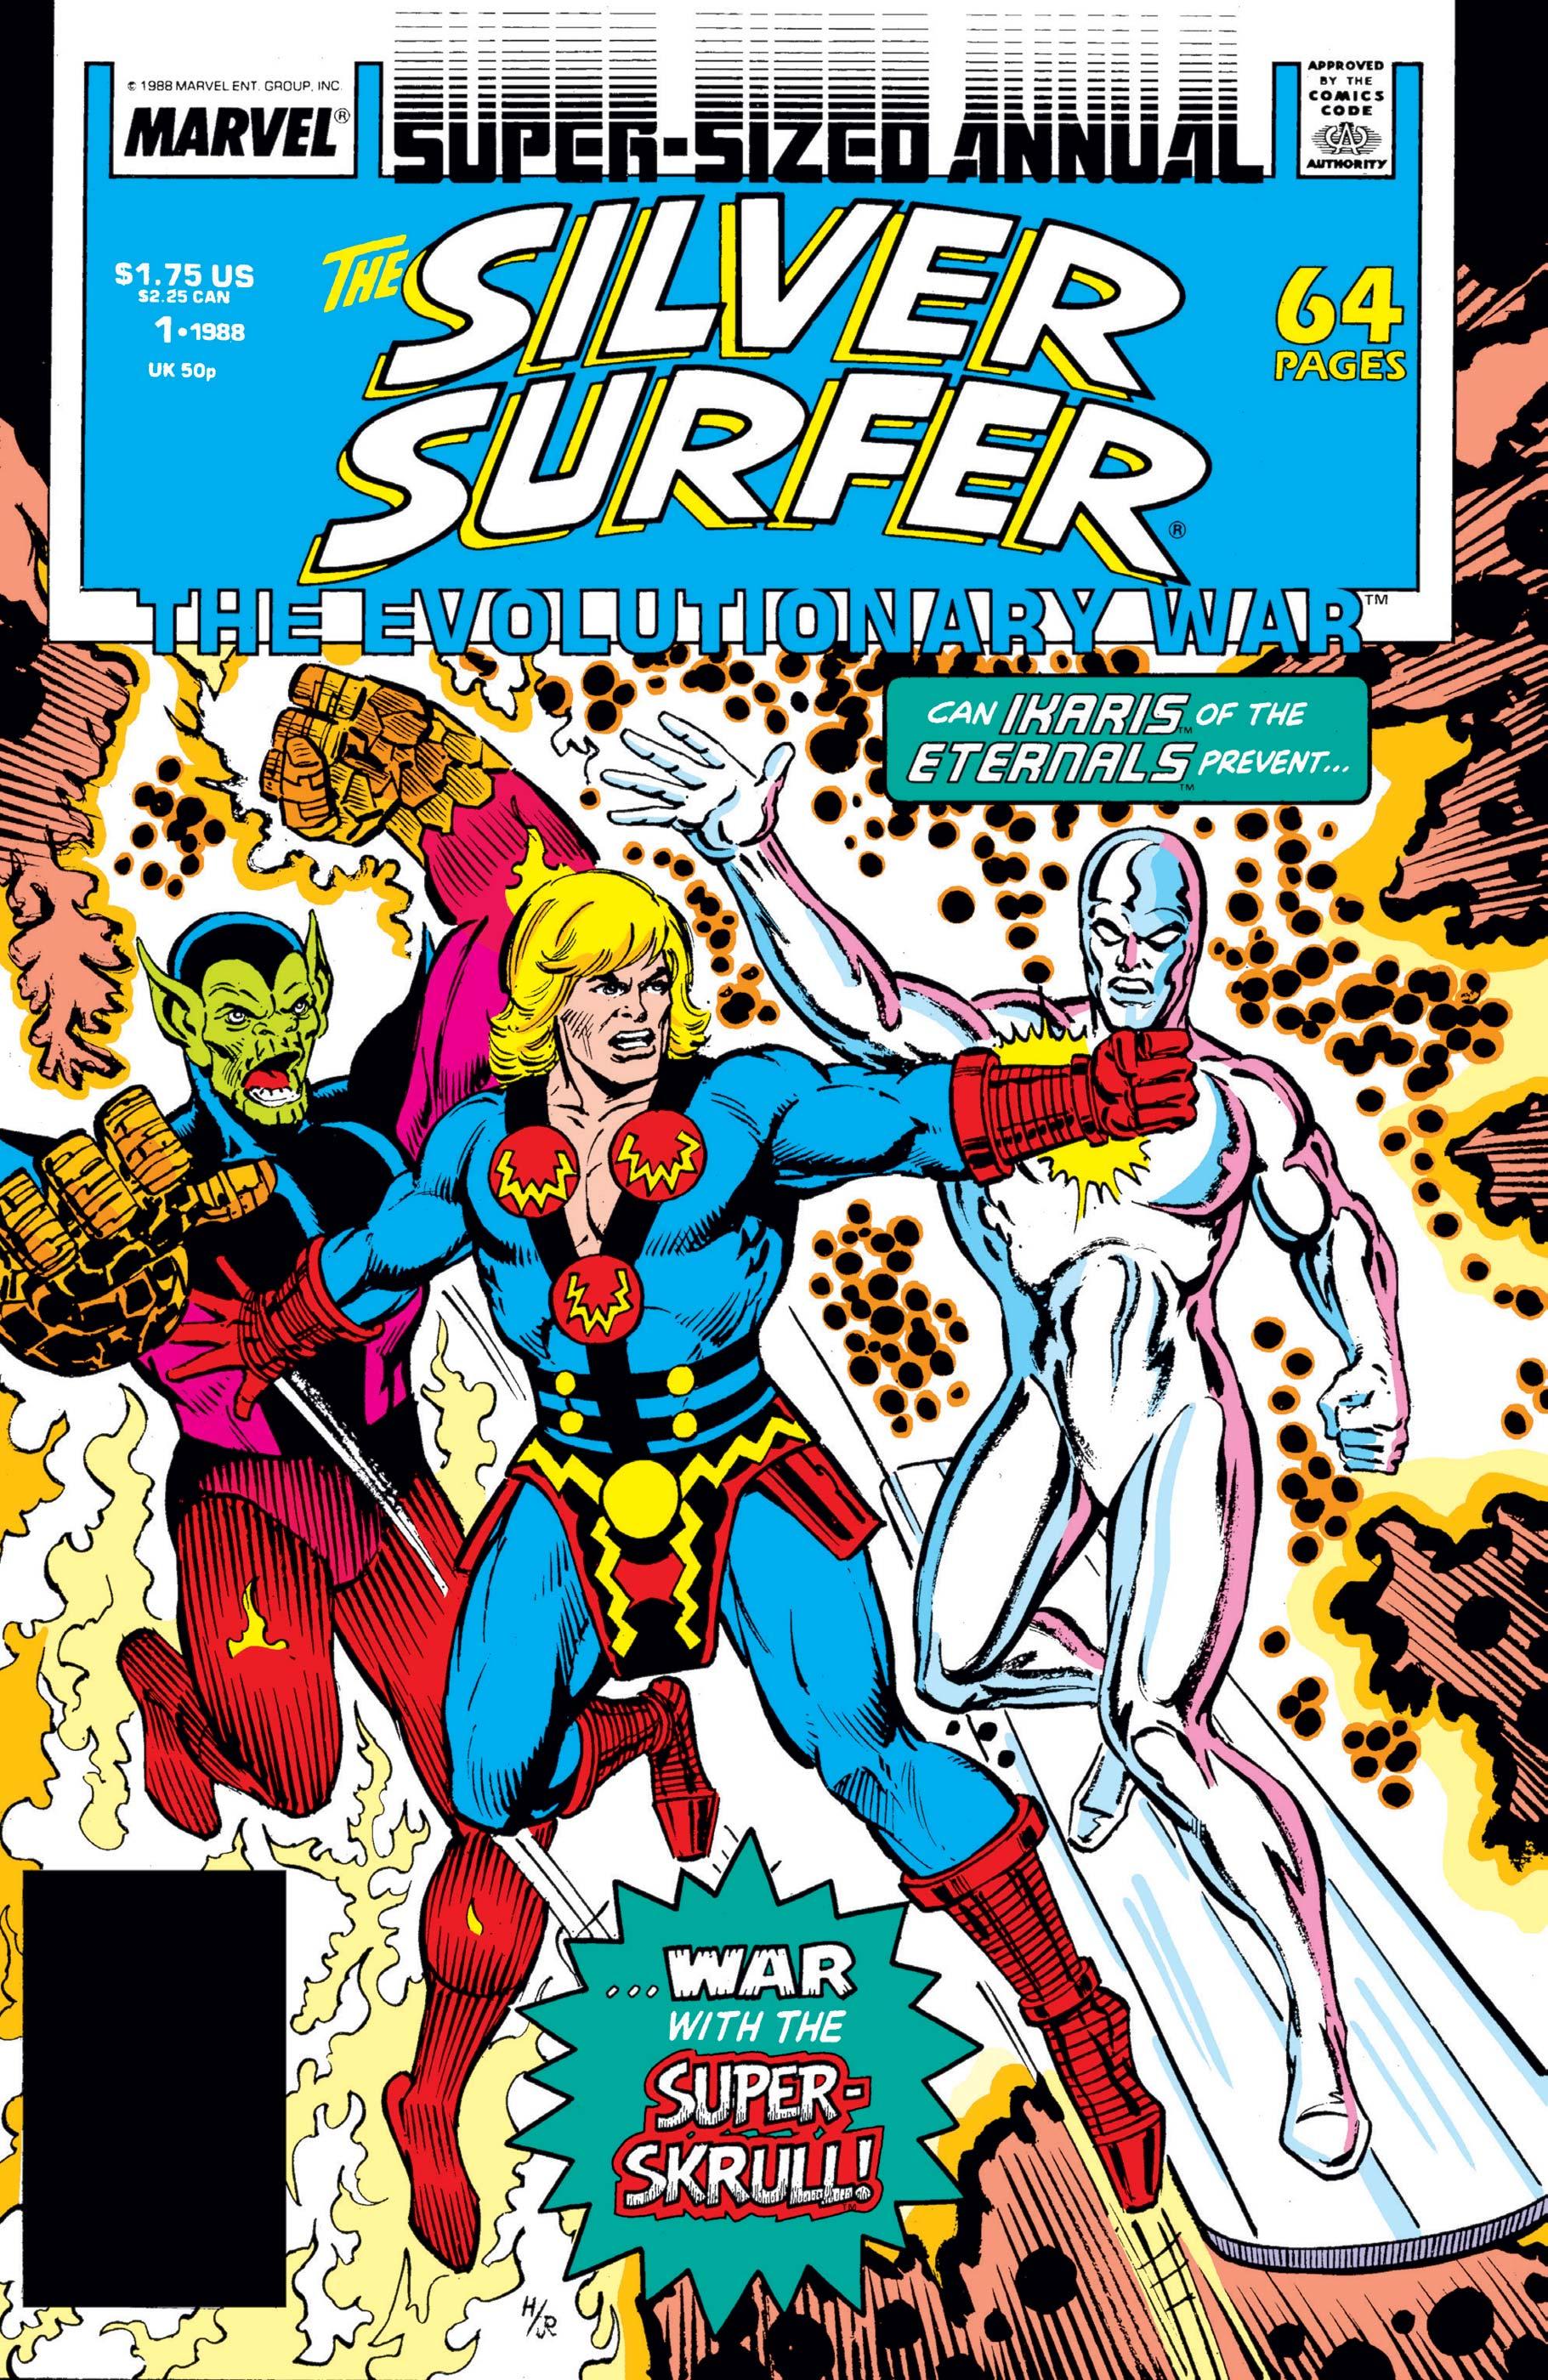 Silver Surfer Annual (1988) #1